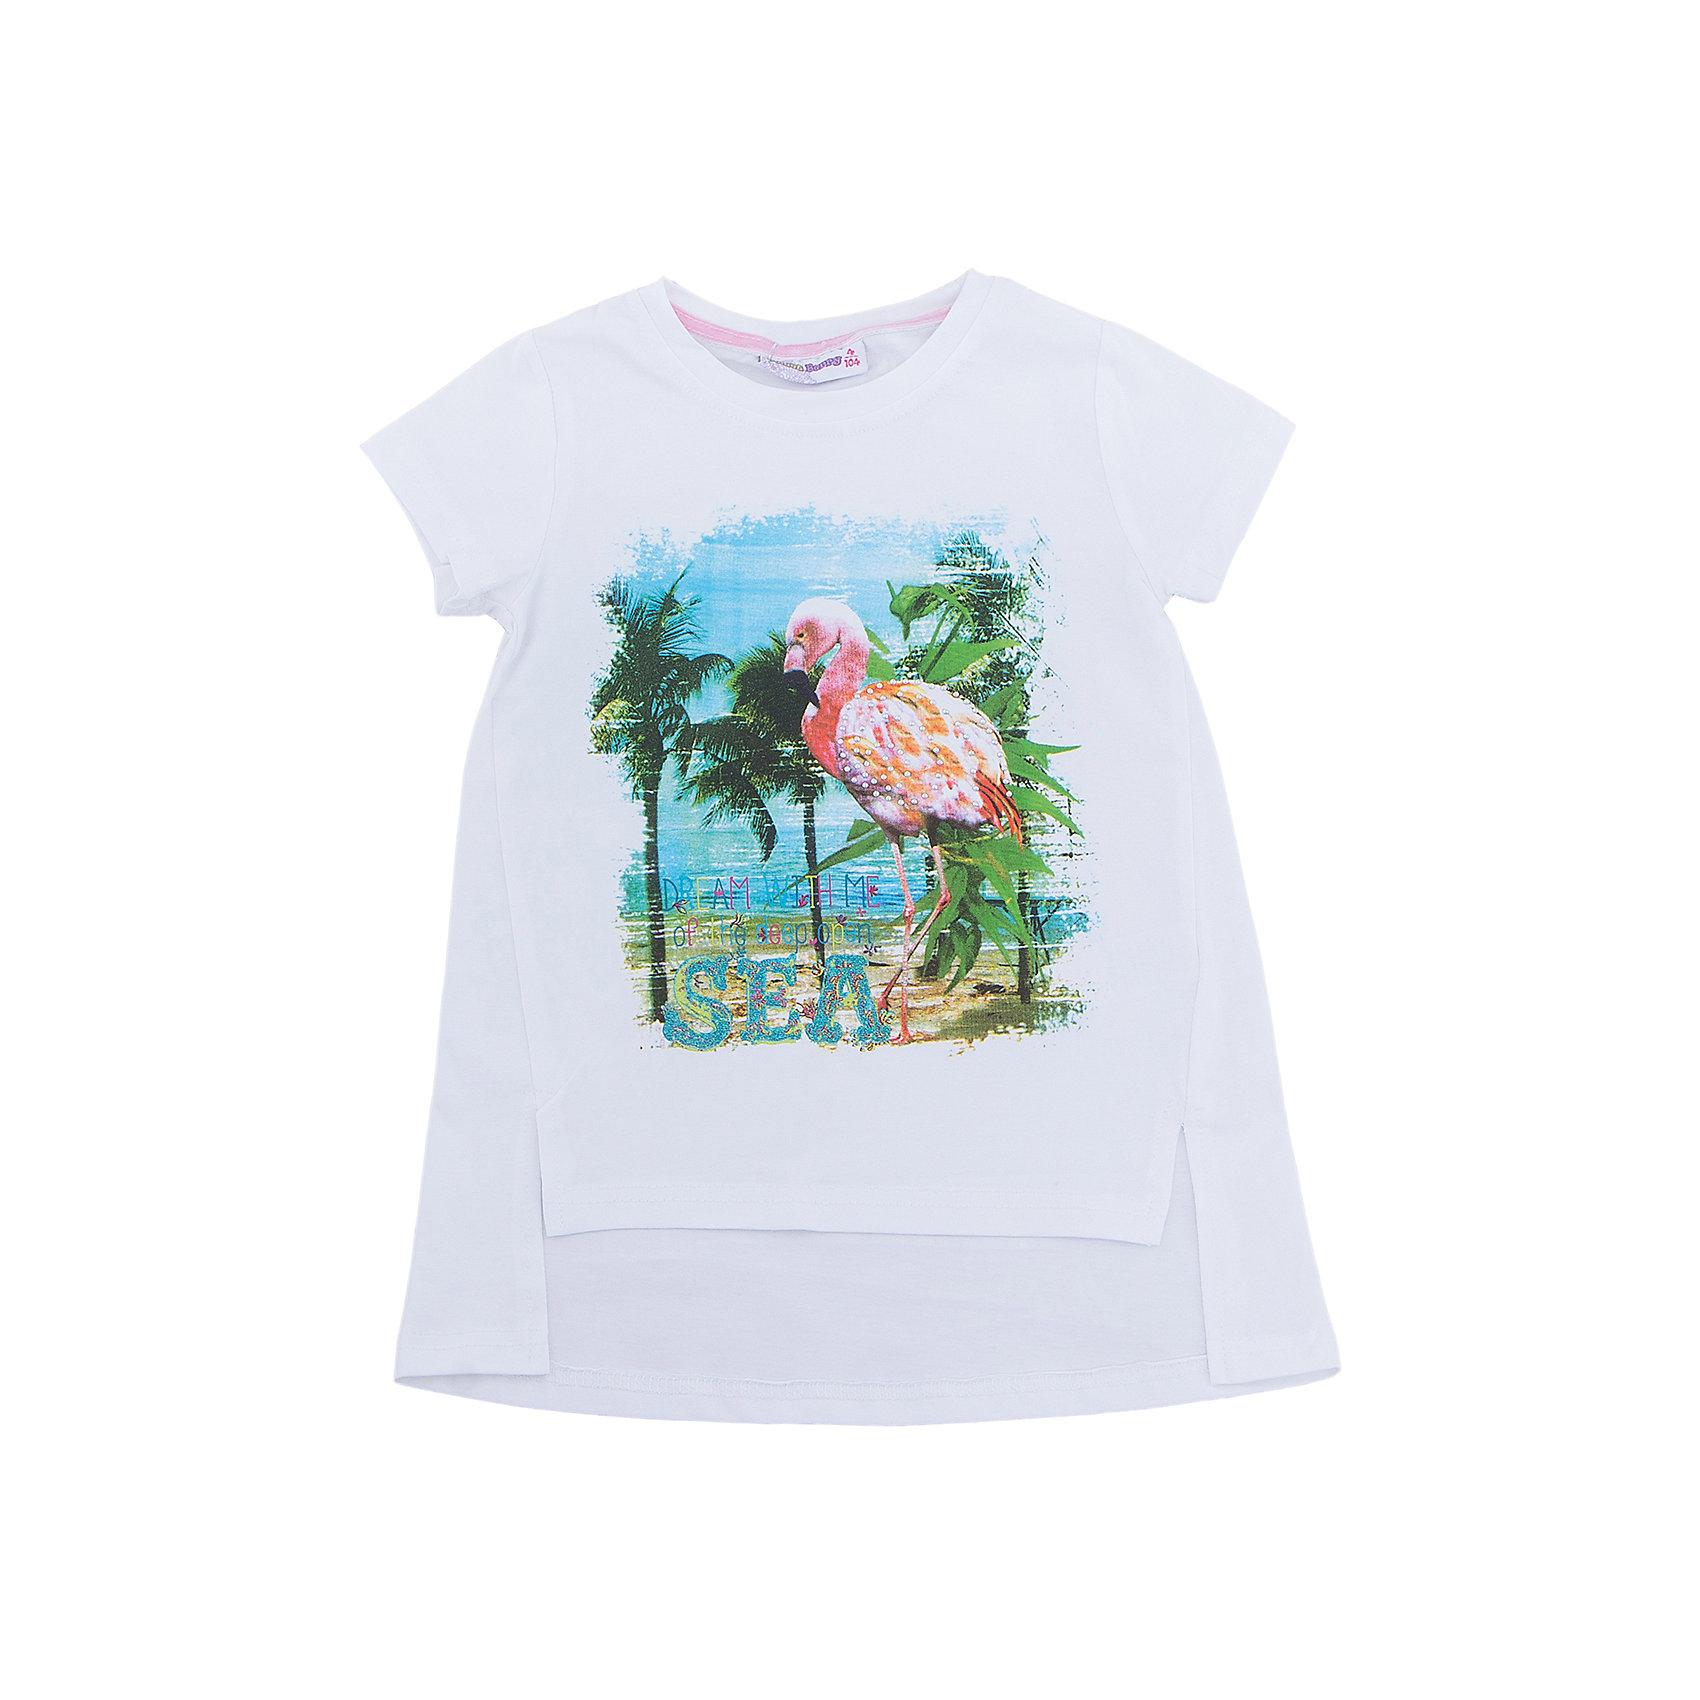 Футболка для девочки Sweet BerryФутболки, поло и топы<br>Удлиненная футболка из трикотажной, мягкой ткани для девочки с коротким рукавом и удлиненной спинкой. Декорирована оригинальным принтом.<br>Состав:<br>95%хлопок 5%эластан<br><br>Ширина мм: 199<br>Глубина мм: 10<br>Высота мм: 161<br>Вес г: 151<br>Цвет: белый<br>Возраст от месяцев: 36<br>Возраст до месяцев: 48<br>Пол: Женский<br>Возраст: Детский<br>Размер: 104,122,98,110,116,128<br>SKU: 5409859